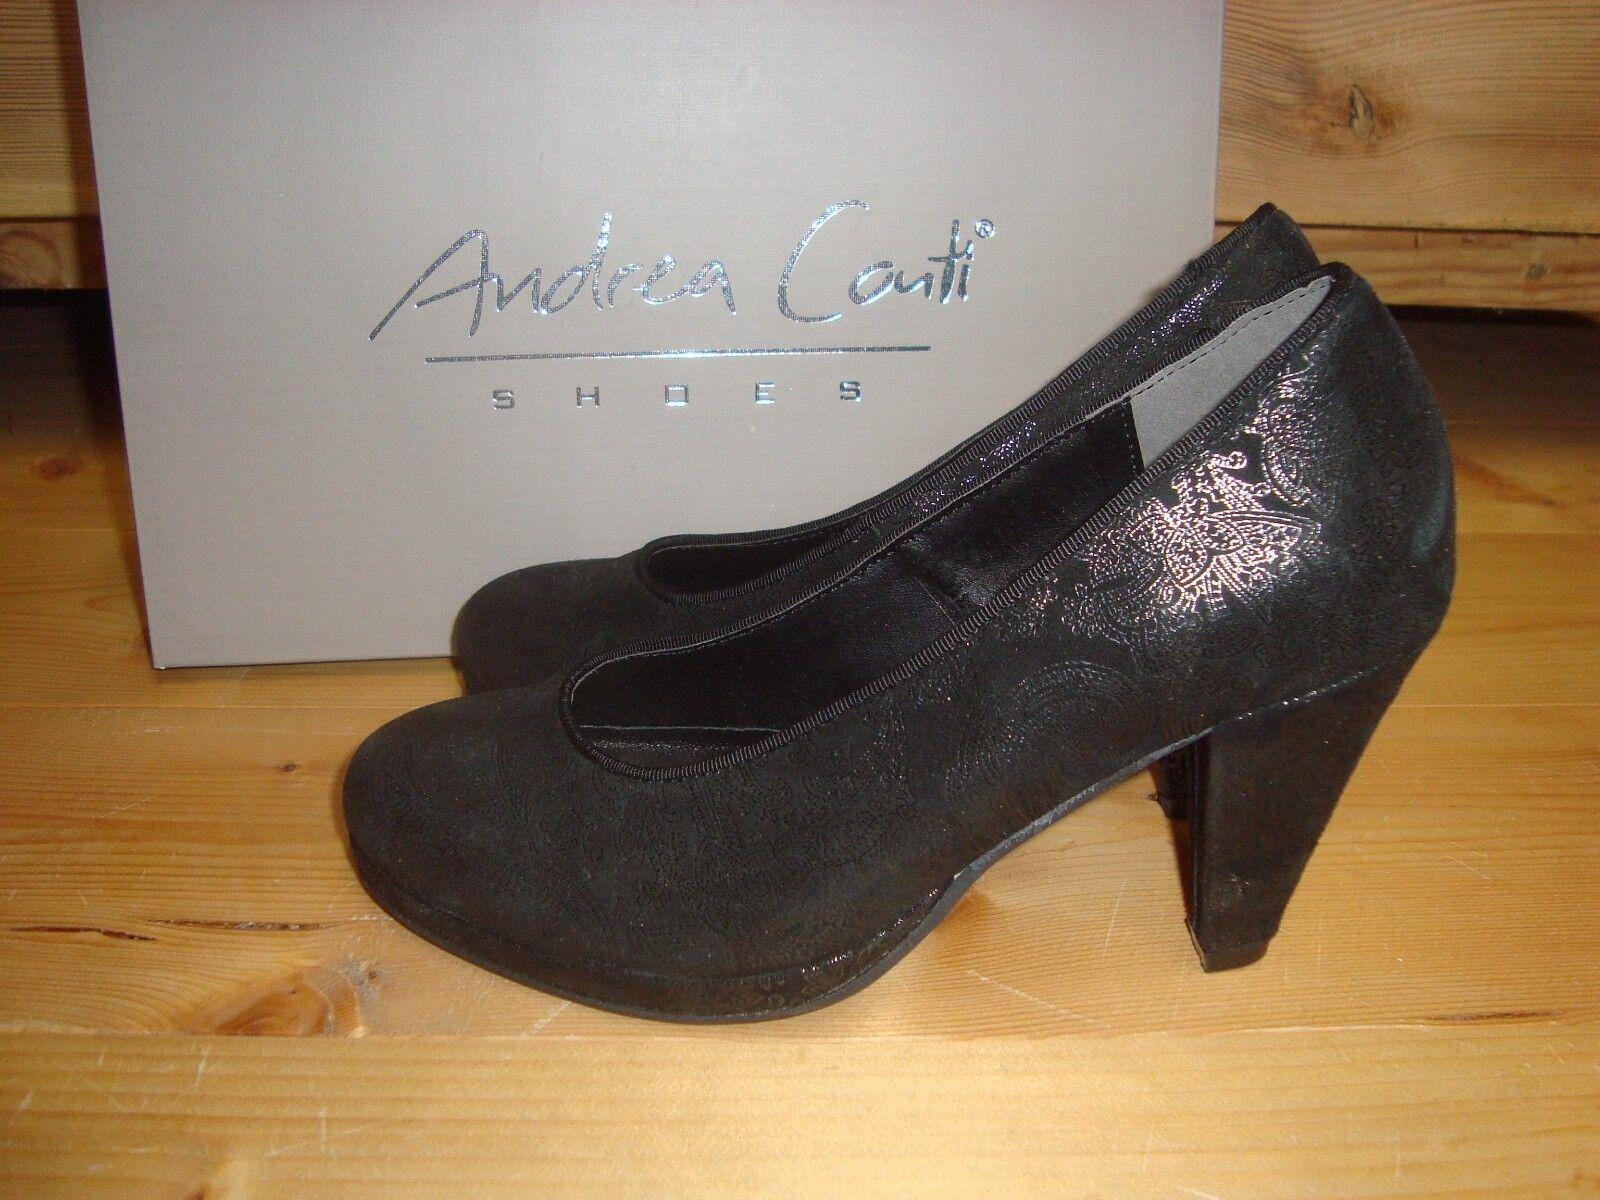 Andrea Conti Trachten Pumps Dirndl Schuhe schwarz Damen Gr. 36 37 38 39 40 41